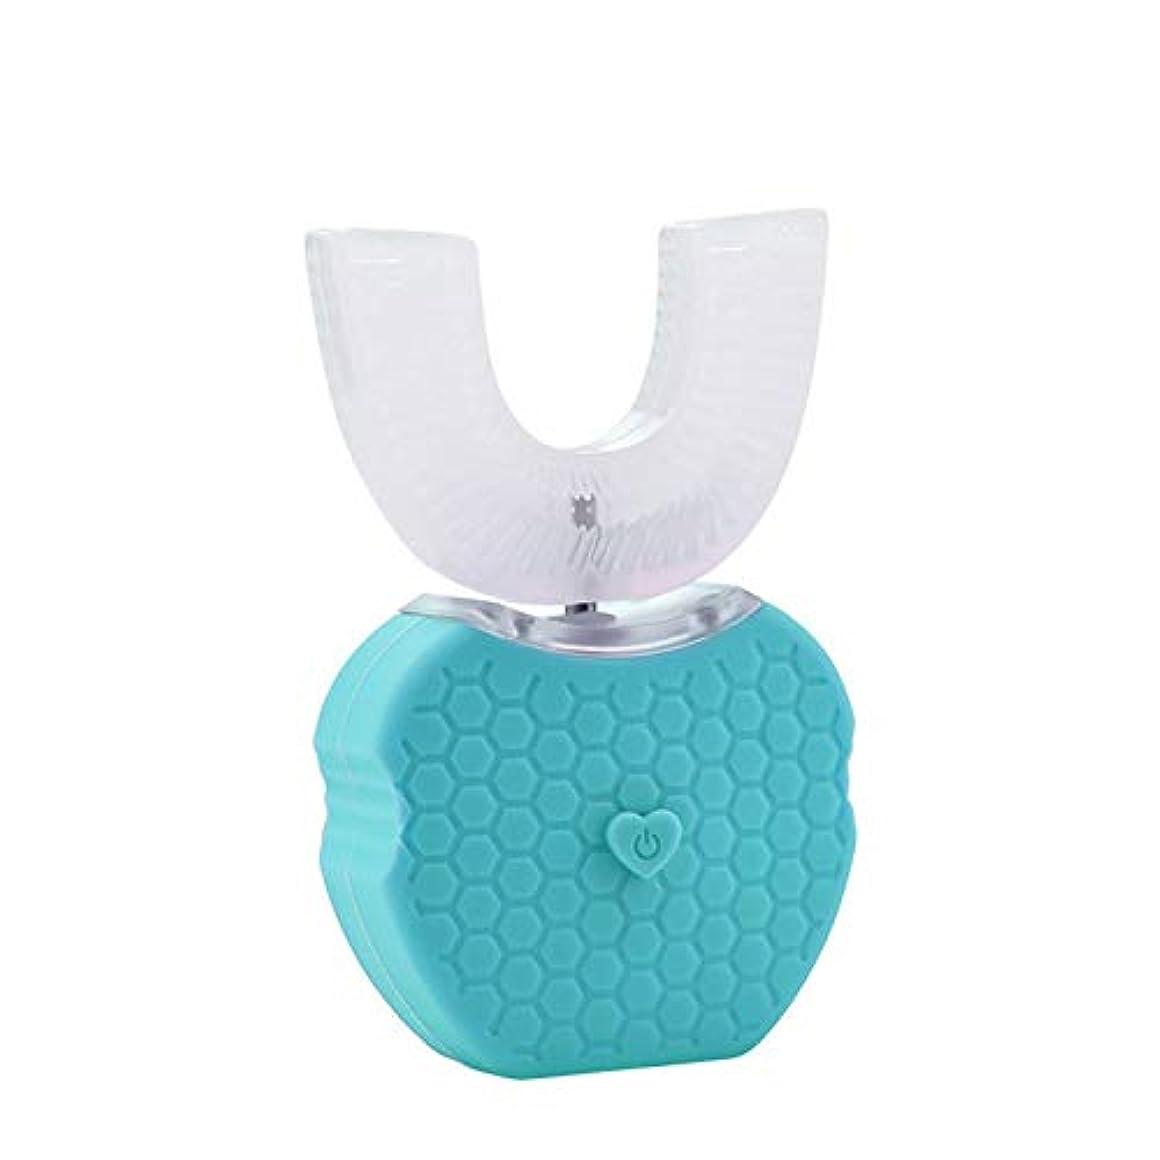 ピザ彫刻スーパーフルオートマチック可変周波数電動歯ブラシ、自動360度U字型電動歯ブラシ、ワイヤレス充電IPX7防水自動歯ブラシ(大人用),Blue